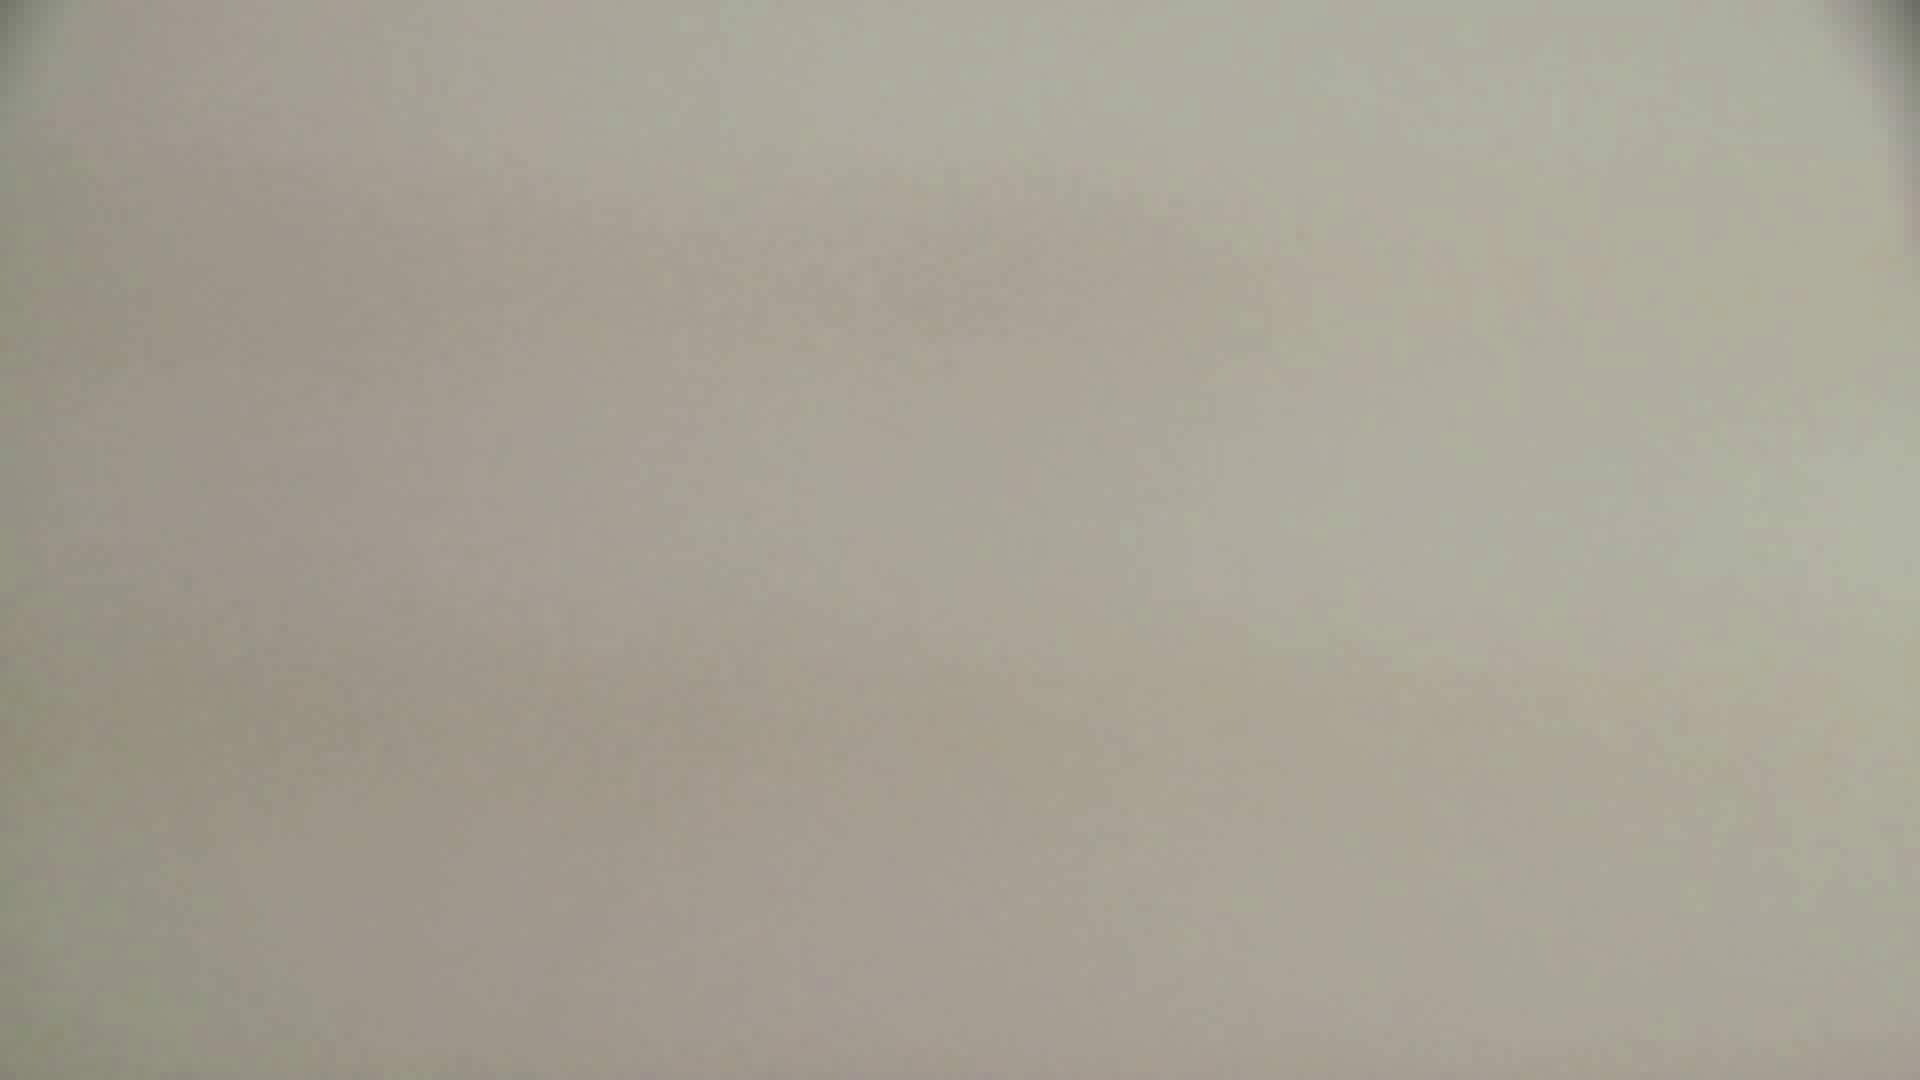 【美しき個室な世界】 vol.021 めがねっこ 高画質 おめこ無修正画像 97枚 92